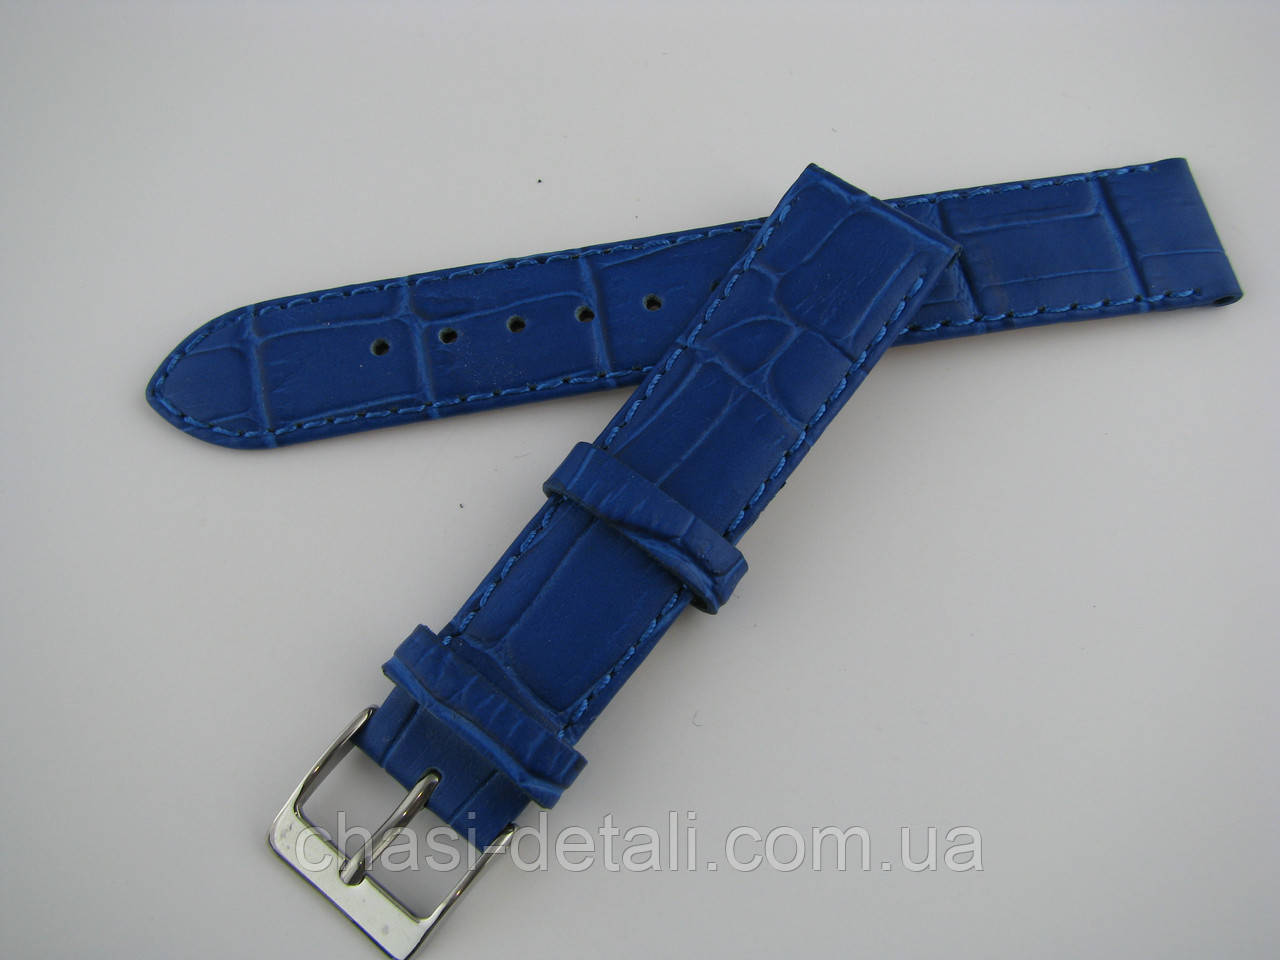 Ремінець шкіряний, ширина - 18мм. Ремінець для годинника, натуральна шкіра.